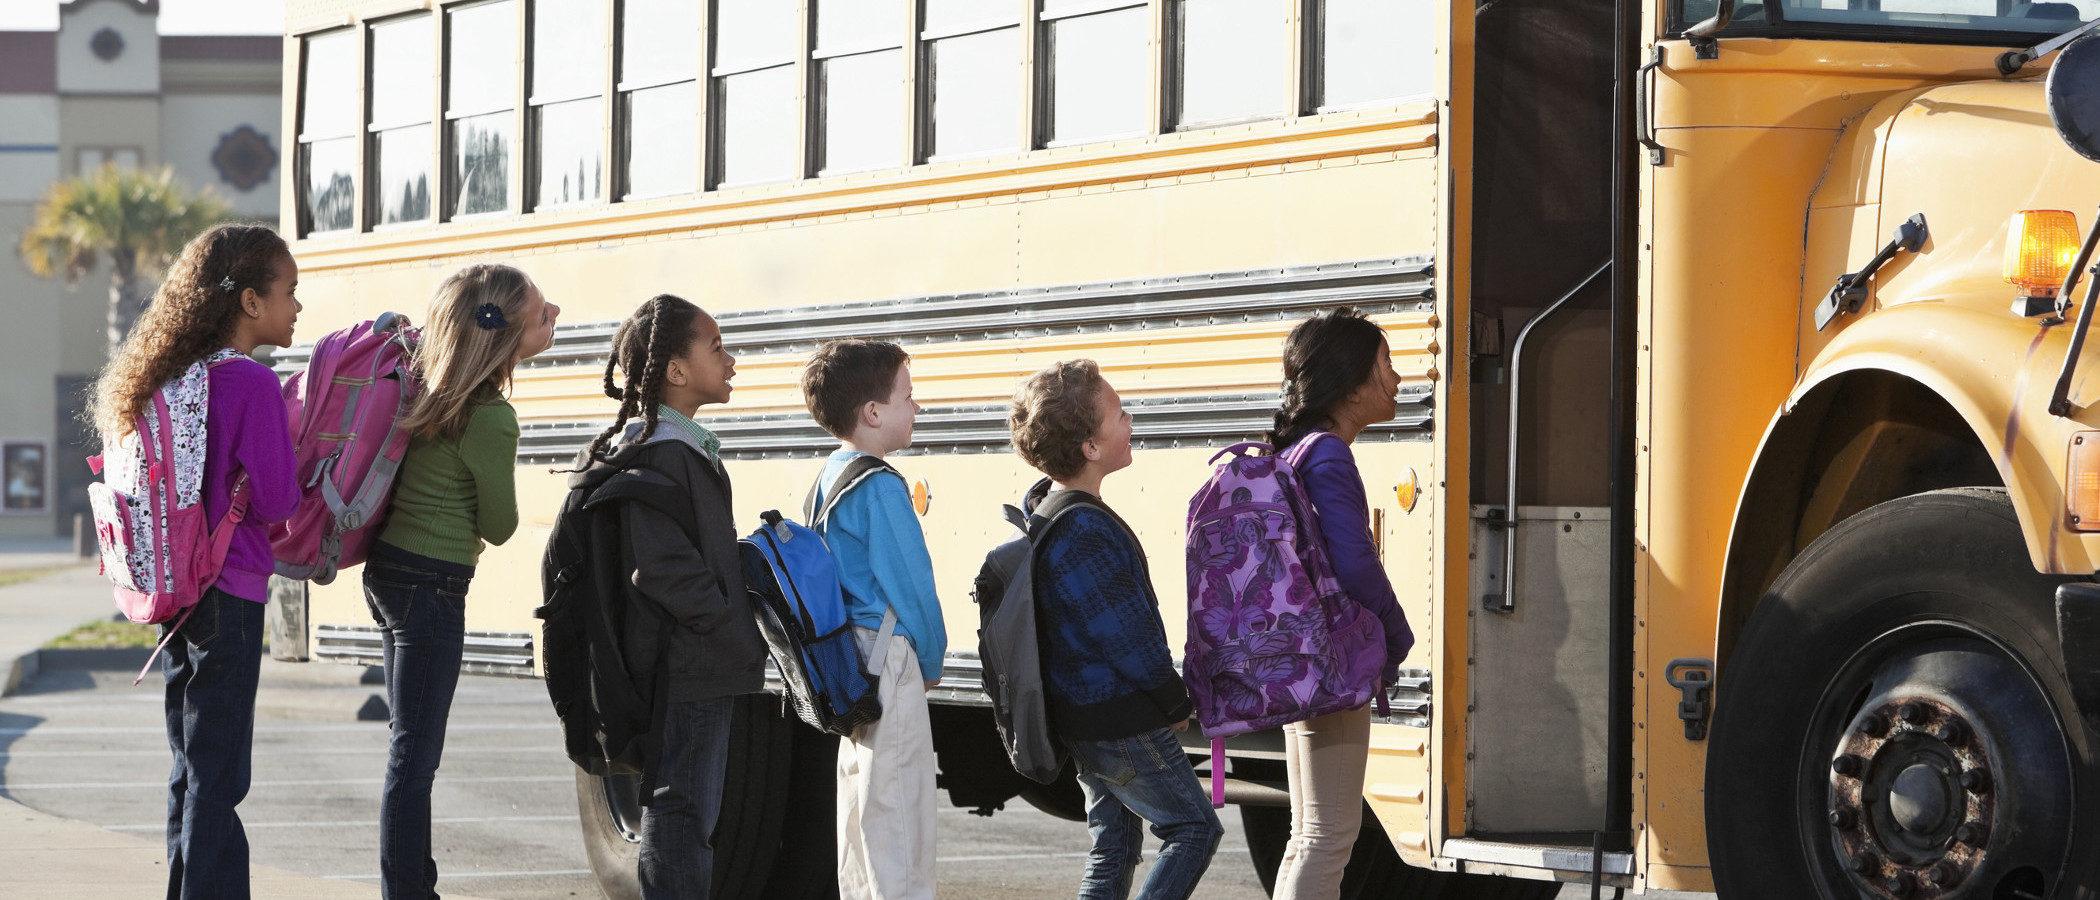 ¿Bus escolar o transporte público? Elige la mejor opción para que tus hijos vayan al colegio